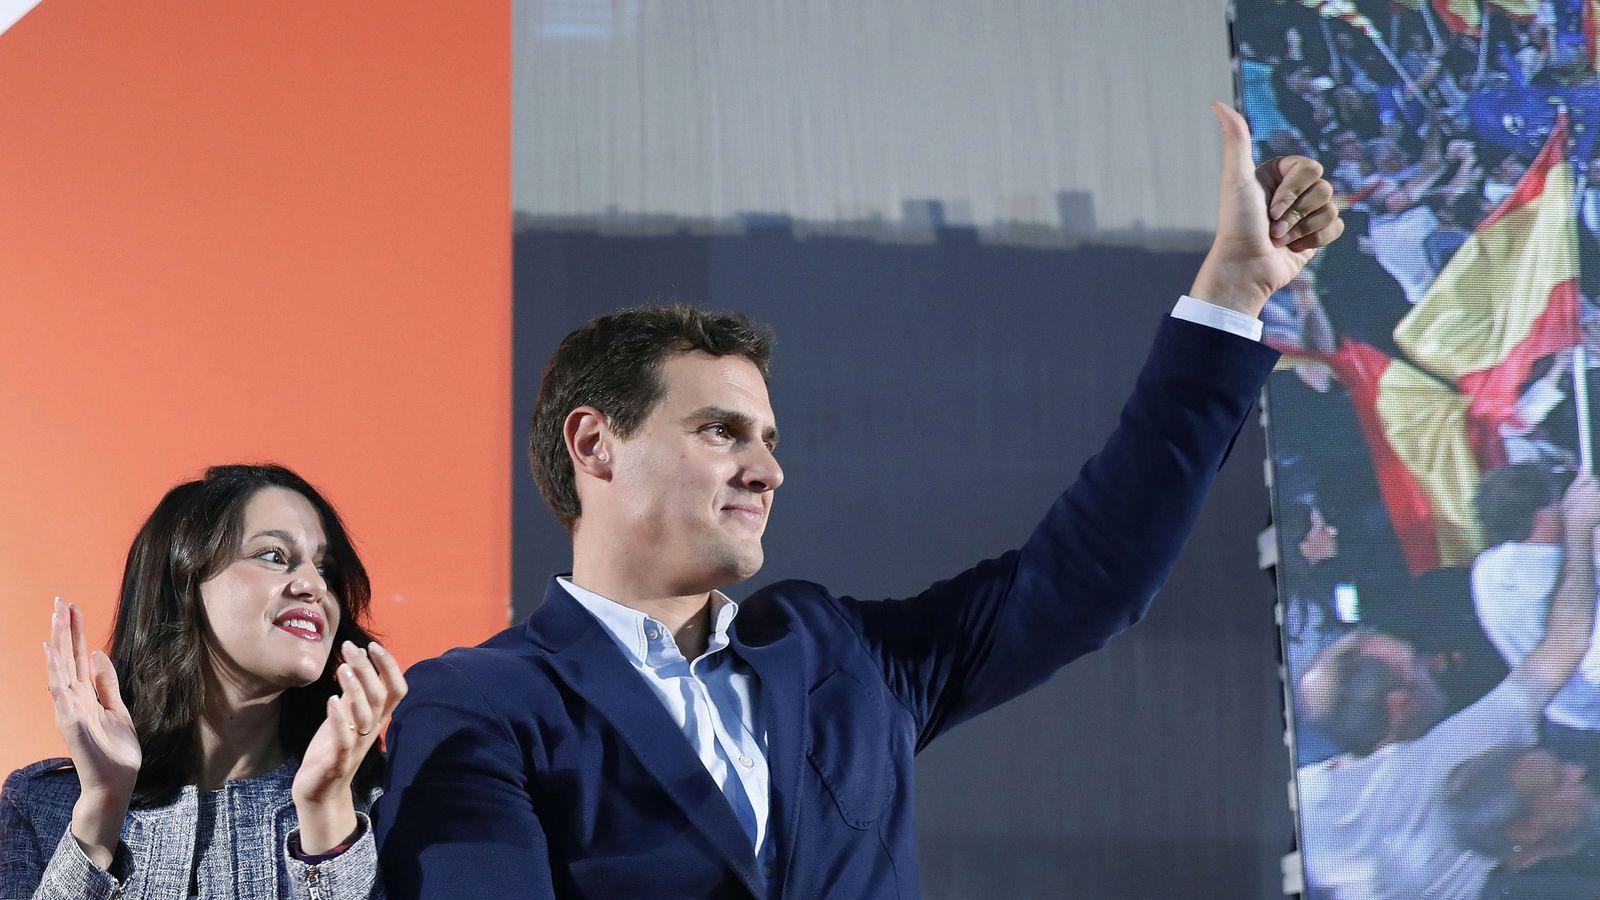 Foto: El presidente de Ciudadanos Albert Rivera, acompañado por la líder de Ciudadanos en Cataluña Inés Arrimadas, durante el acto en L´Hospitalet de Llobregat. (EFE)